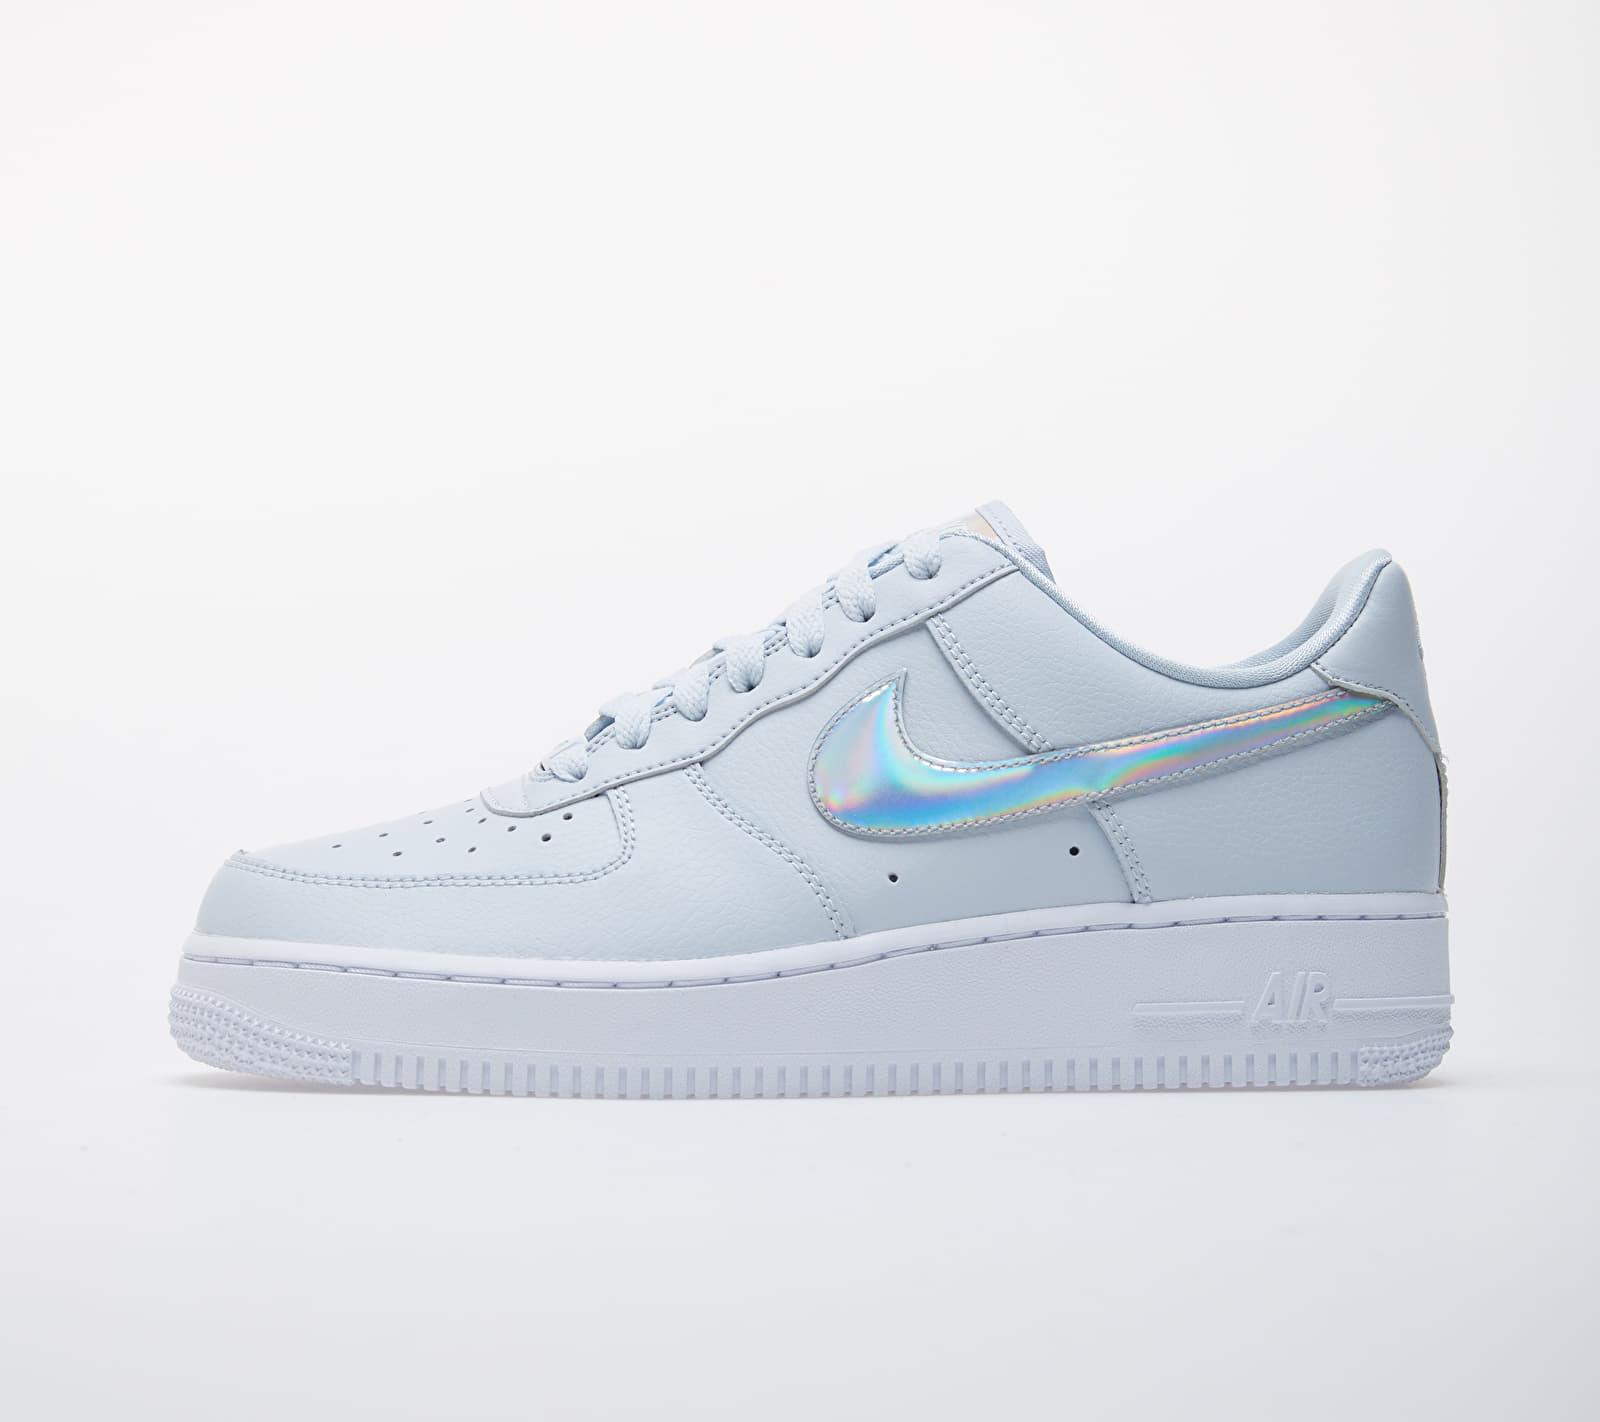 Nike Wmns Air Force 1 '07 Essential Aura/ Aura-White EUR 36.5